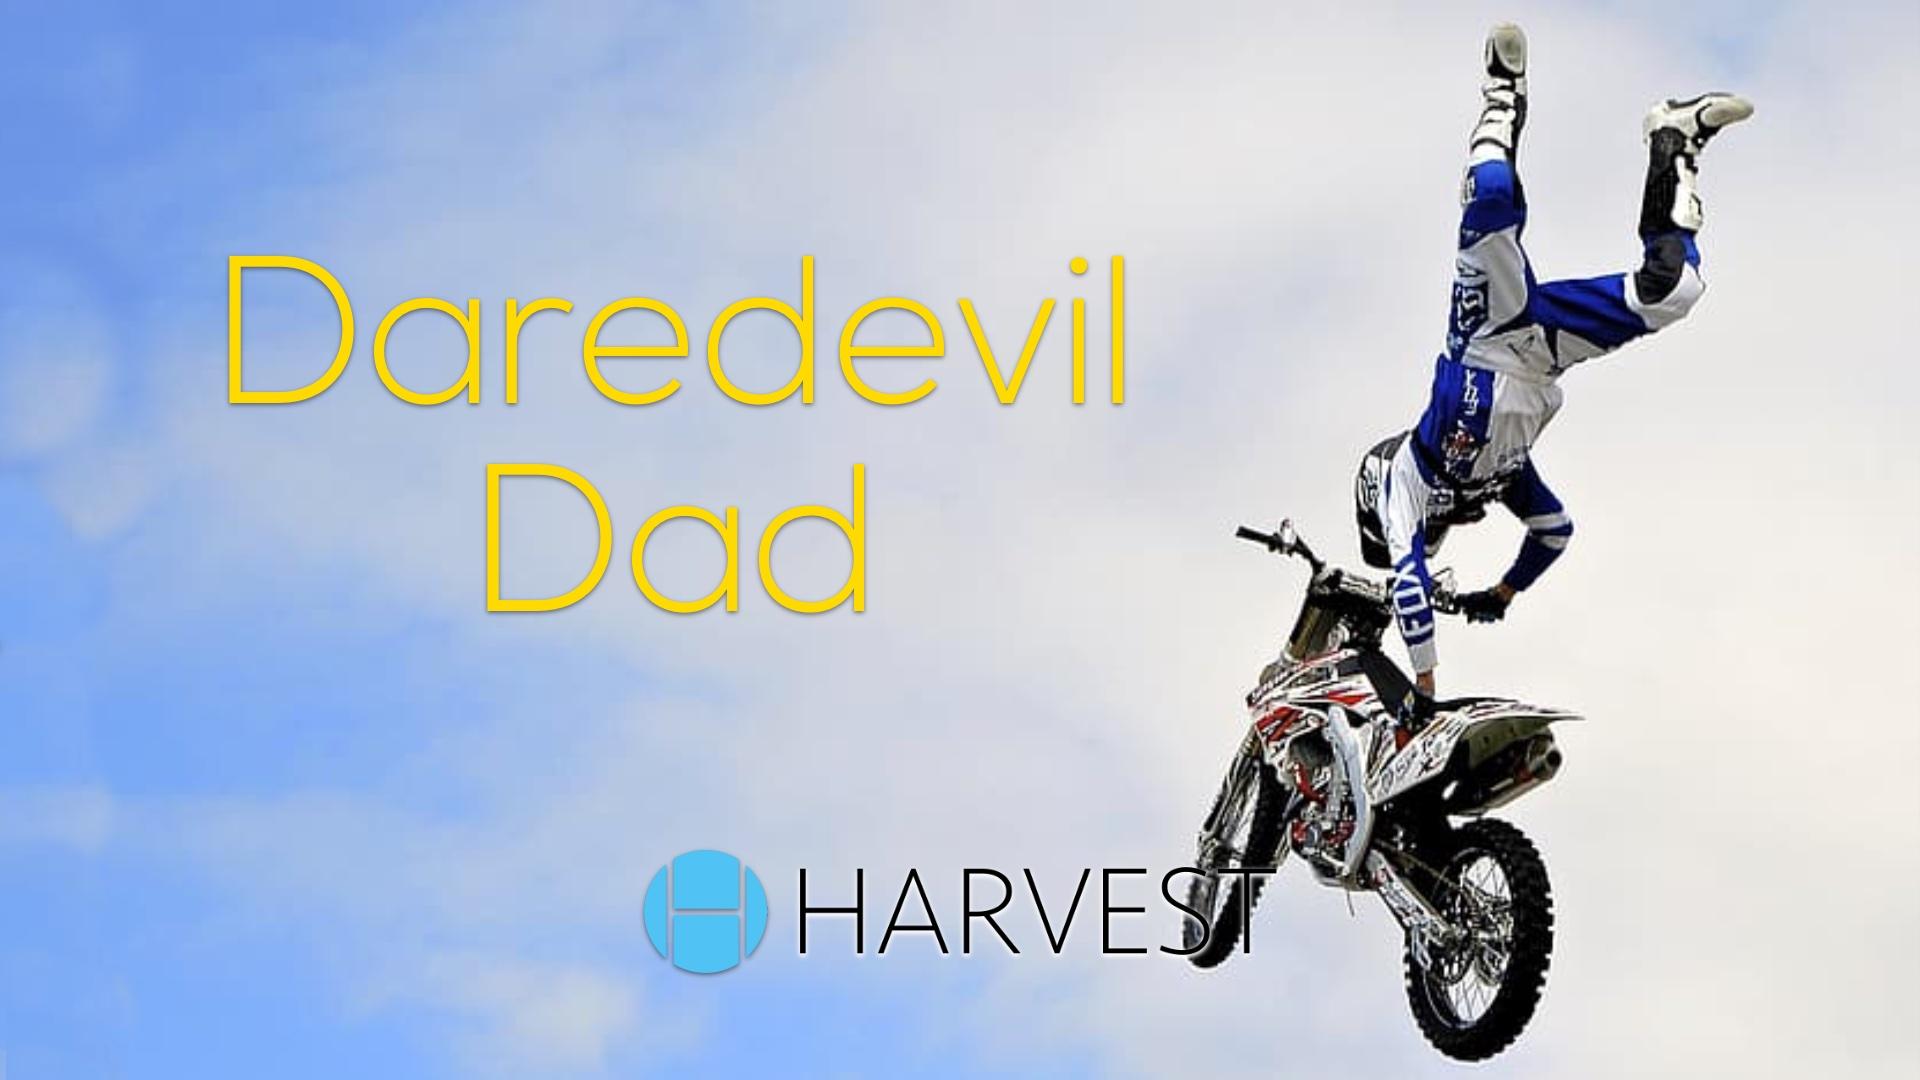 Daredevil Dad